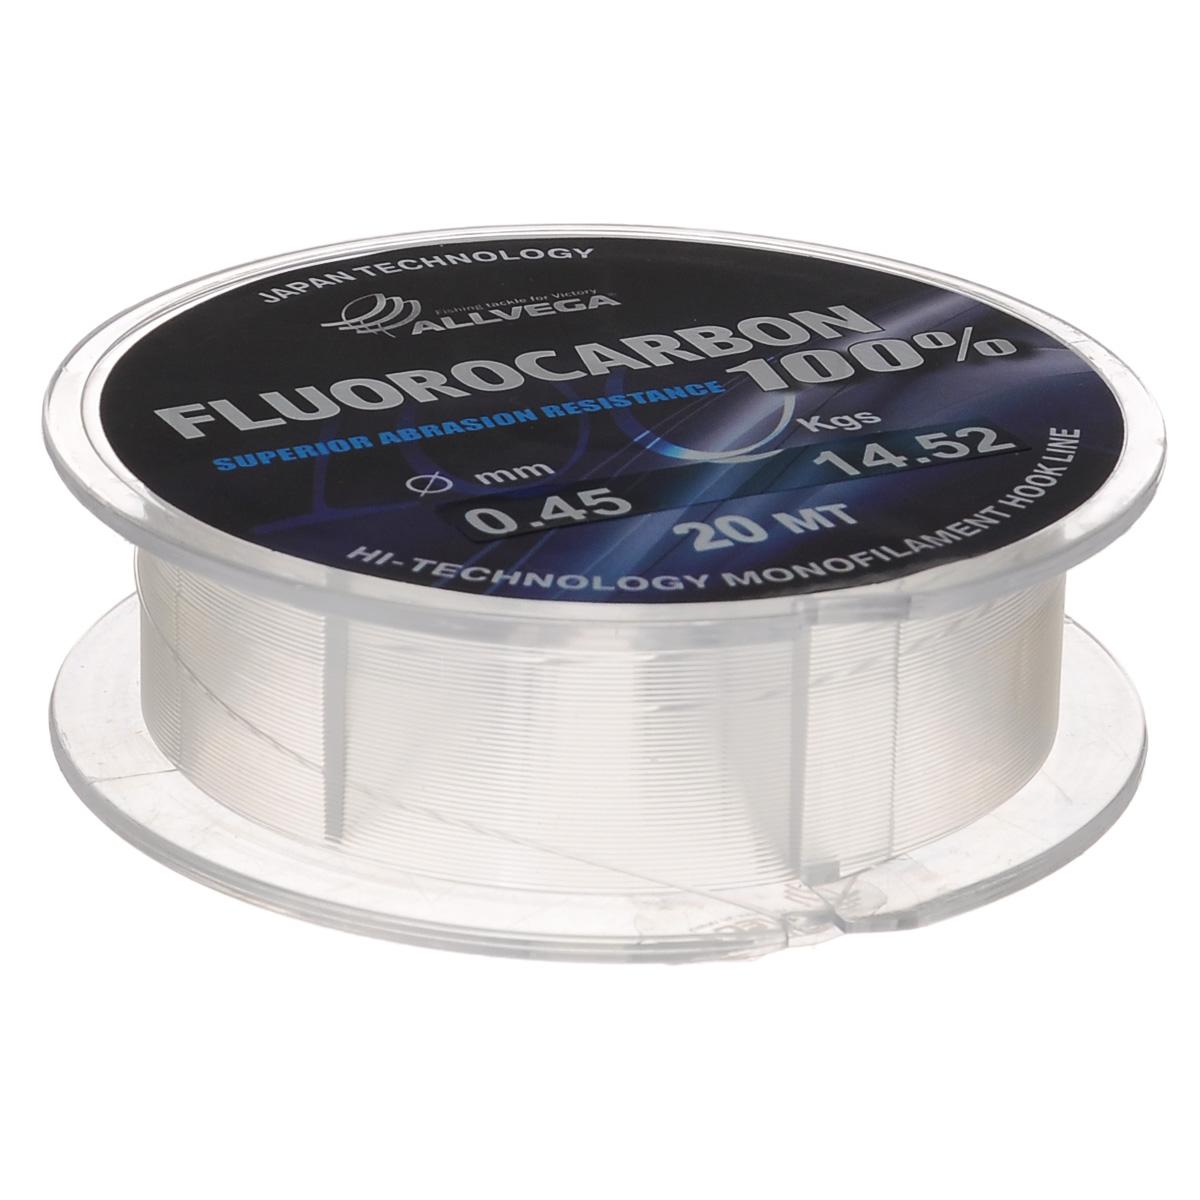 Леска Allvega FX Fluorocarbon 100%, цвет: прозрачный, 20 м, 0,45 мм, 14,52 кг010-01199-23Allvega FX Fluorocarbon 100% имеет коэффициент преломления света, близкий к коэффициенту преломления света воды, поэтому эта леска незаметна в воде и незаменима во многих случаях. Широко используется в качестве поводковой лески, как для мирных рыб, так и для хищников. Кроме прозрачности, так же обладает высокой устойчивостью к внешним механическим воздействиям, таким как камни, песок, ракушечник, зубы хищников. Обладает малой растяжимостью, что позволяет более четко определять поклевку и просекать рыбу.